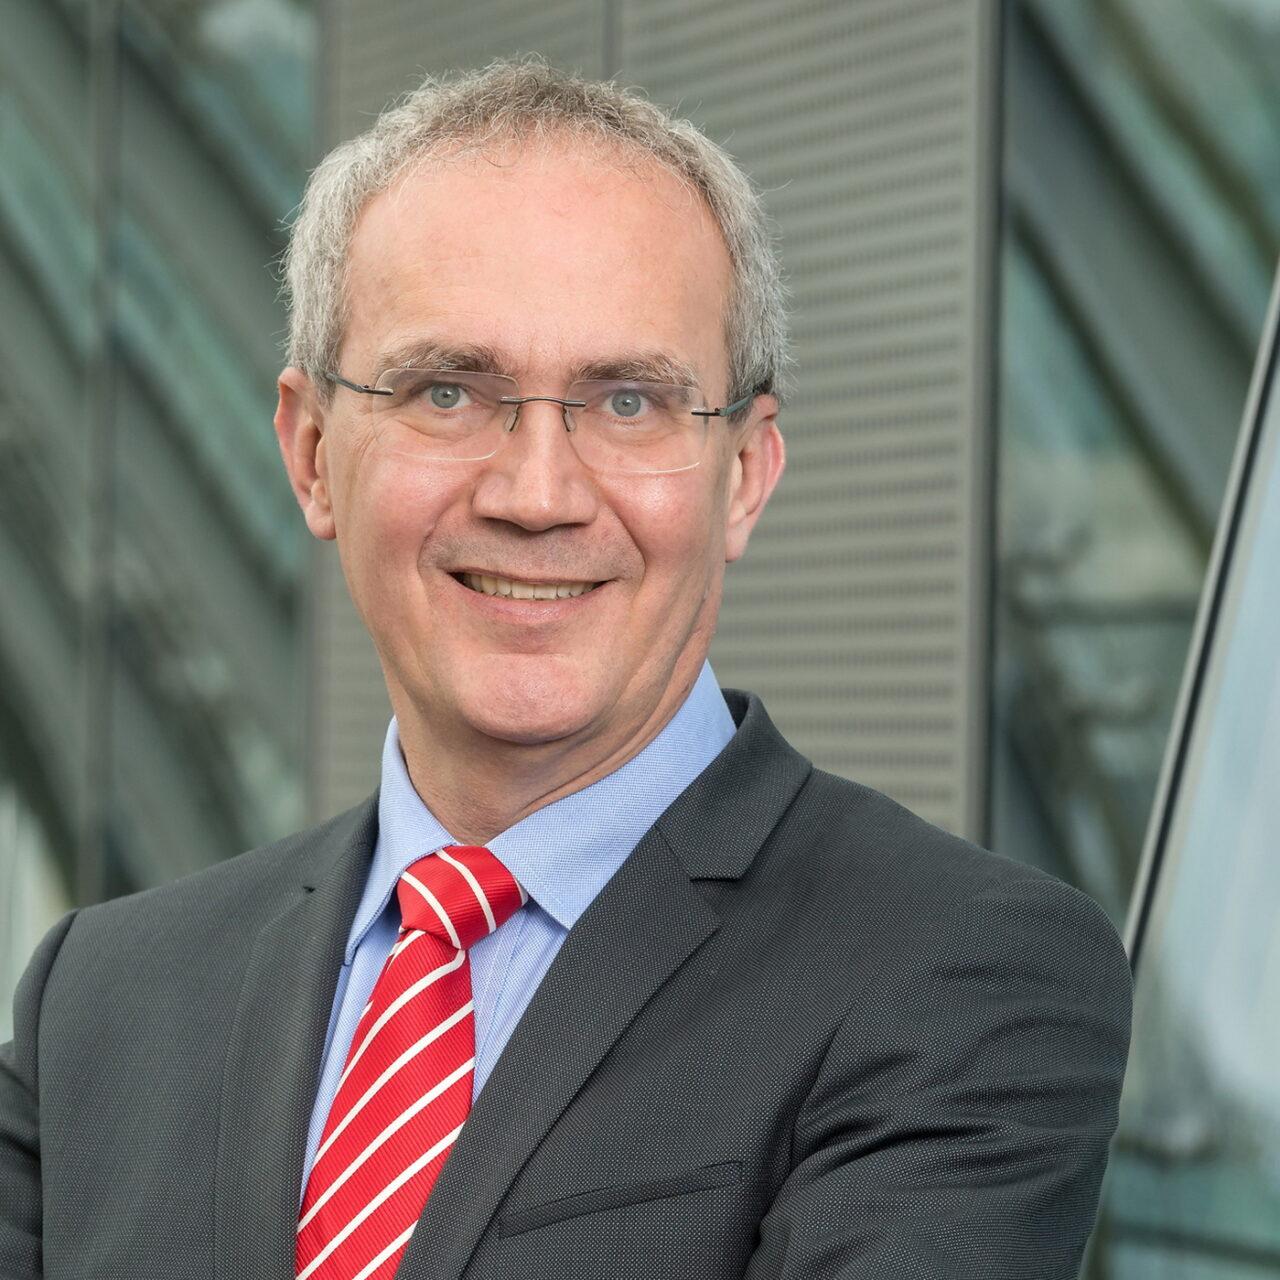 Schmalzl bleibt DSGV-Vorstandsmitglied